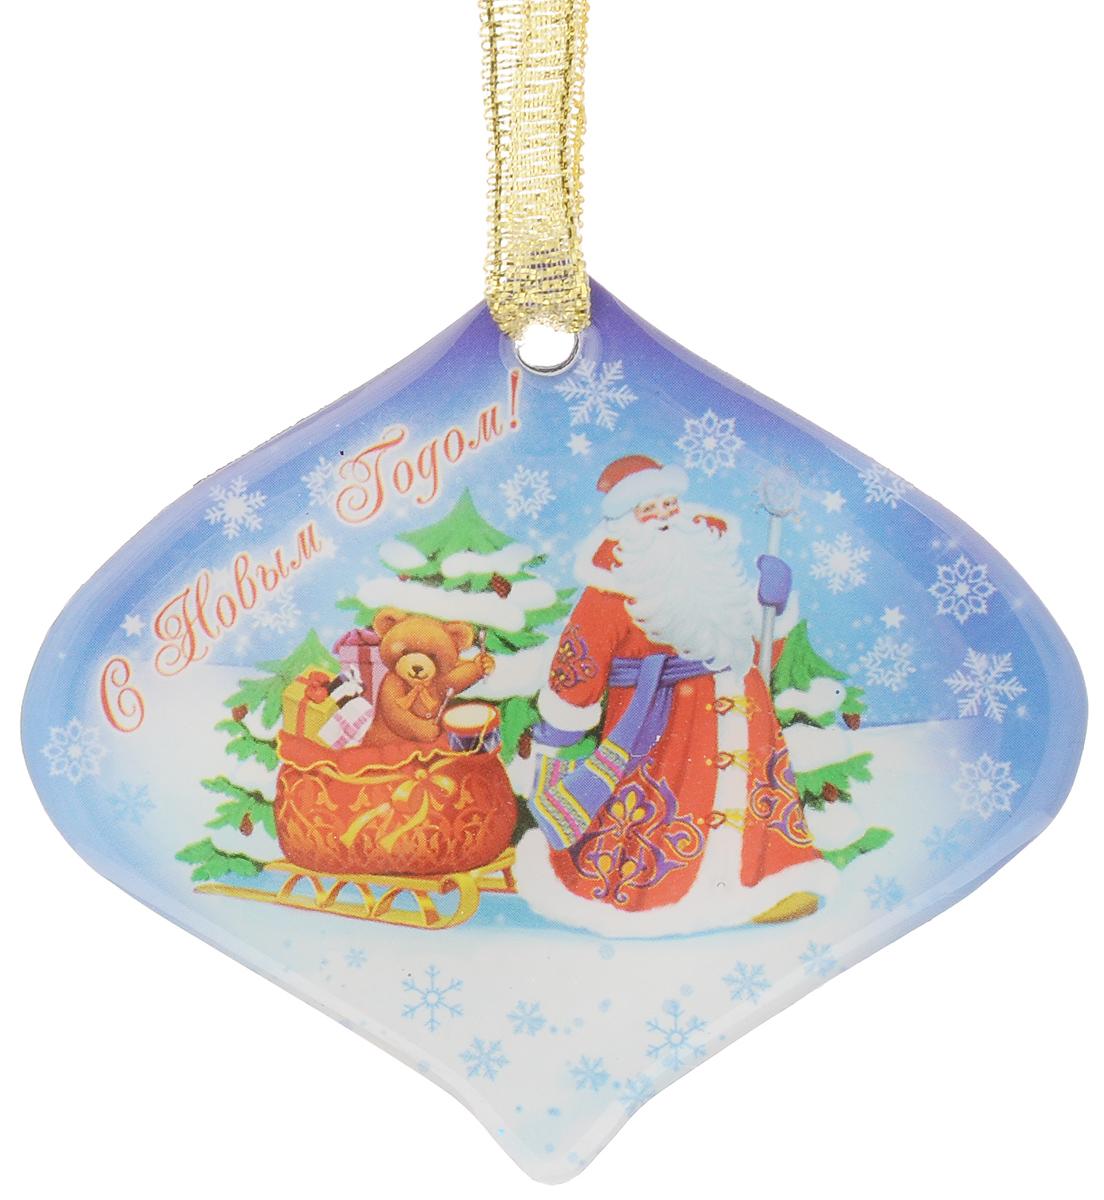 Магнит декоративный Magic Time Дед мороз с мишкой в санях, 6,6 х 6 см25051 7_зеленыйМагнит Magic Time Дед мороз с мишкой в санях, выполненный из агломерированного феррита, прекрасно подойдет в качестве сувенира к Новому году или станет приятным презентом в обычный день. Магнит - одно из самых простых, недорогих и при этом оригинальных украшений интерьера. Он поможет вам украсить не только холодильник, но и любую другую магнитную поверхность. Магнит оснащен специальной петелькой для подвешивания.Размер: 6,6 х 6 см.Материал: агломерированный феррит.